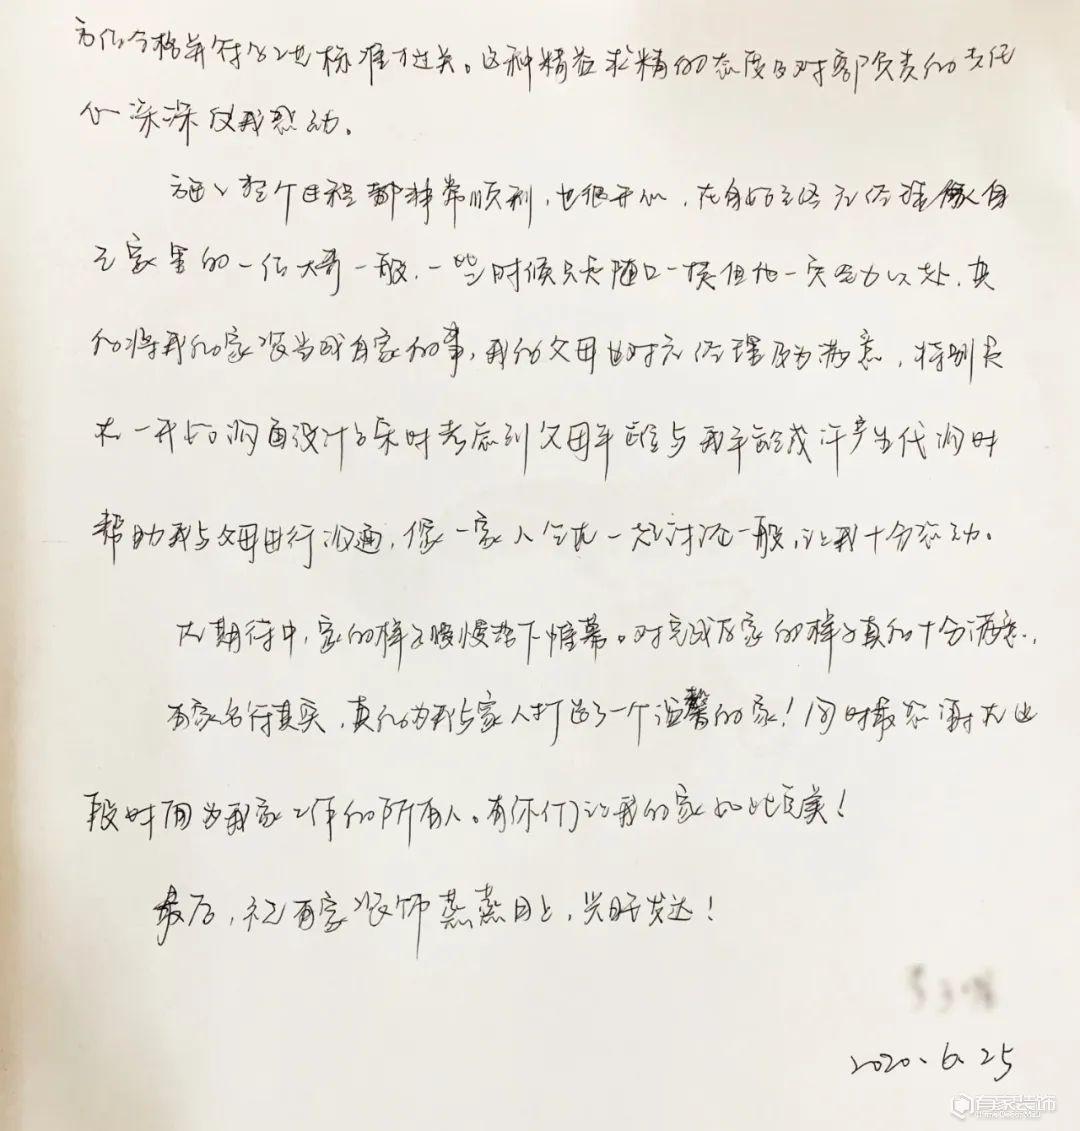 凤翔湖滨世纪业主:致有家装饰的一封感谢信!